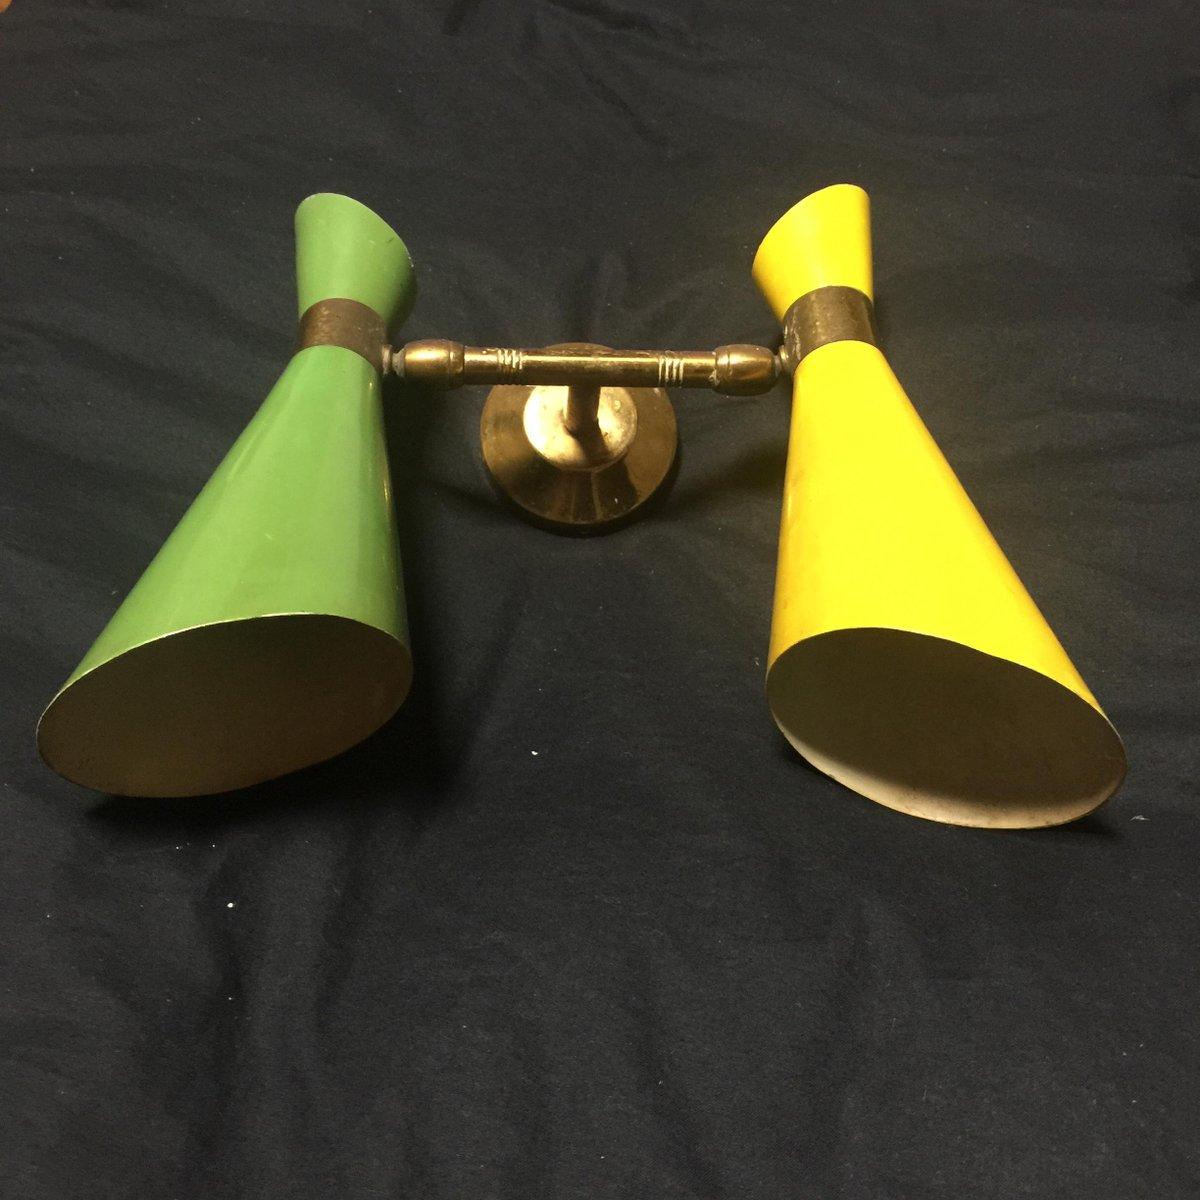 Italienische wandlampe in gr n gelb mit zwei leuchten for Italienische leuchten